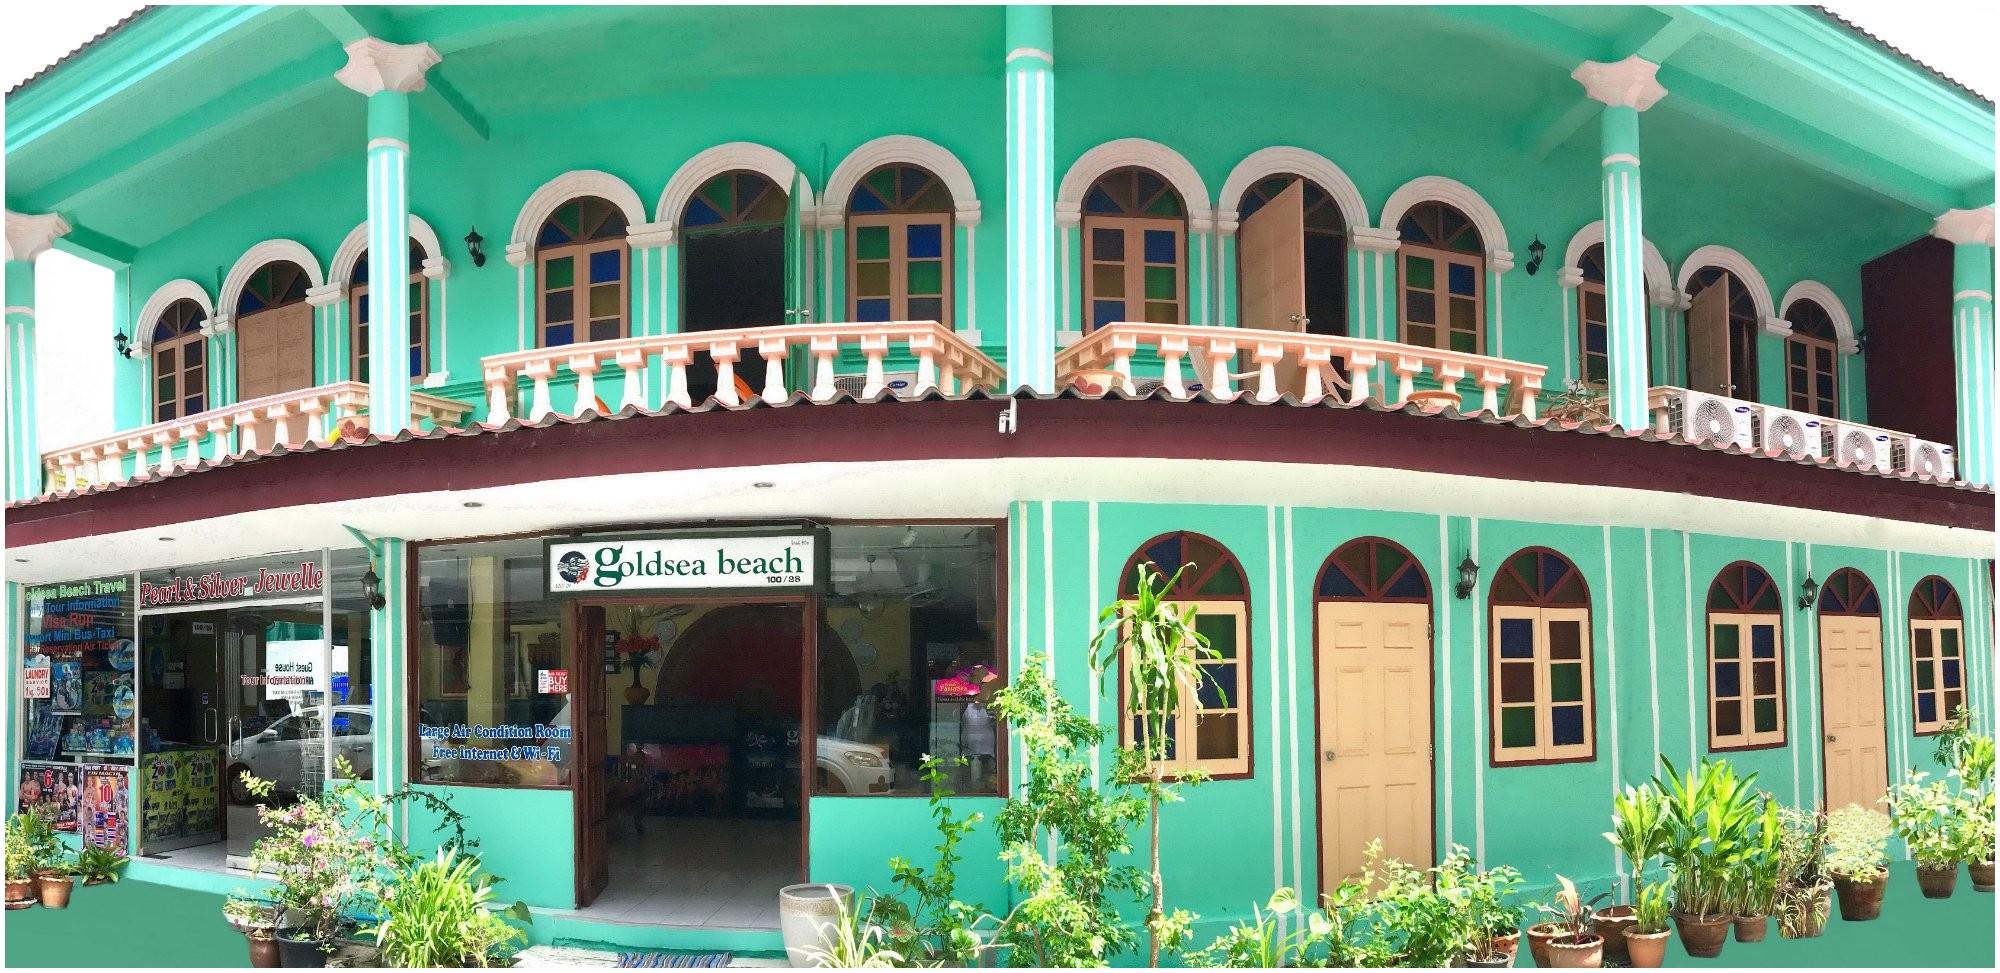 Beach Hostel Italy Beautiful Goldsea Beach $16 $̶4̶3̶ Updated 2019 Prices & Guest House